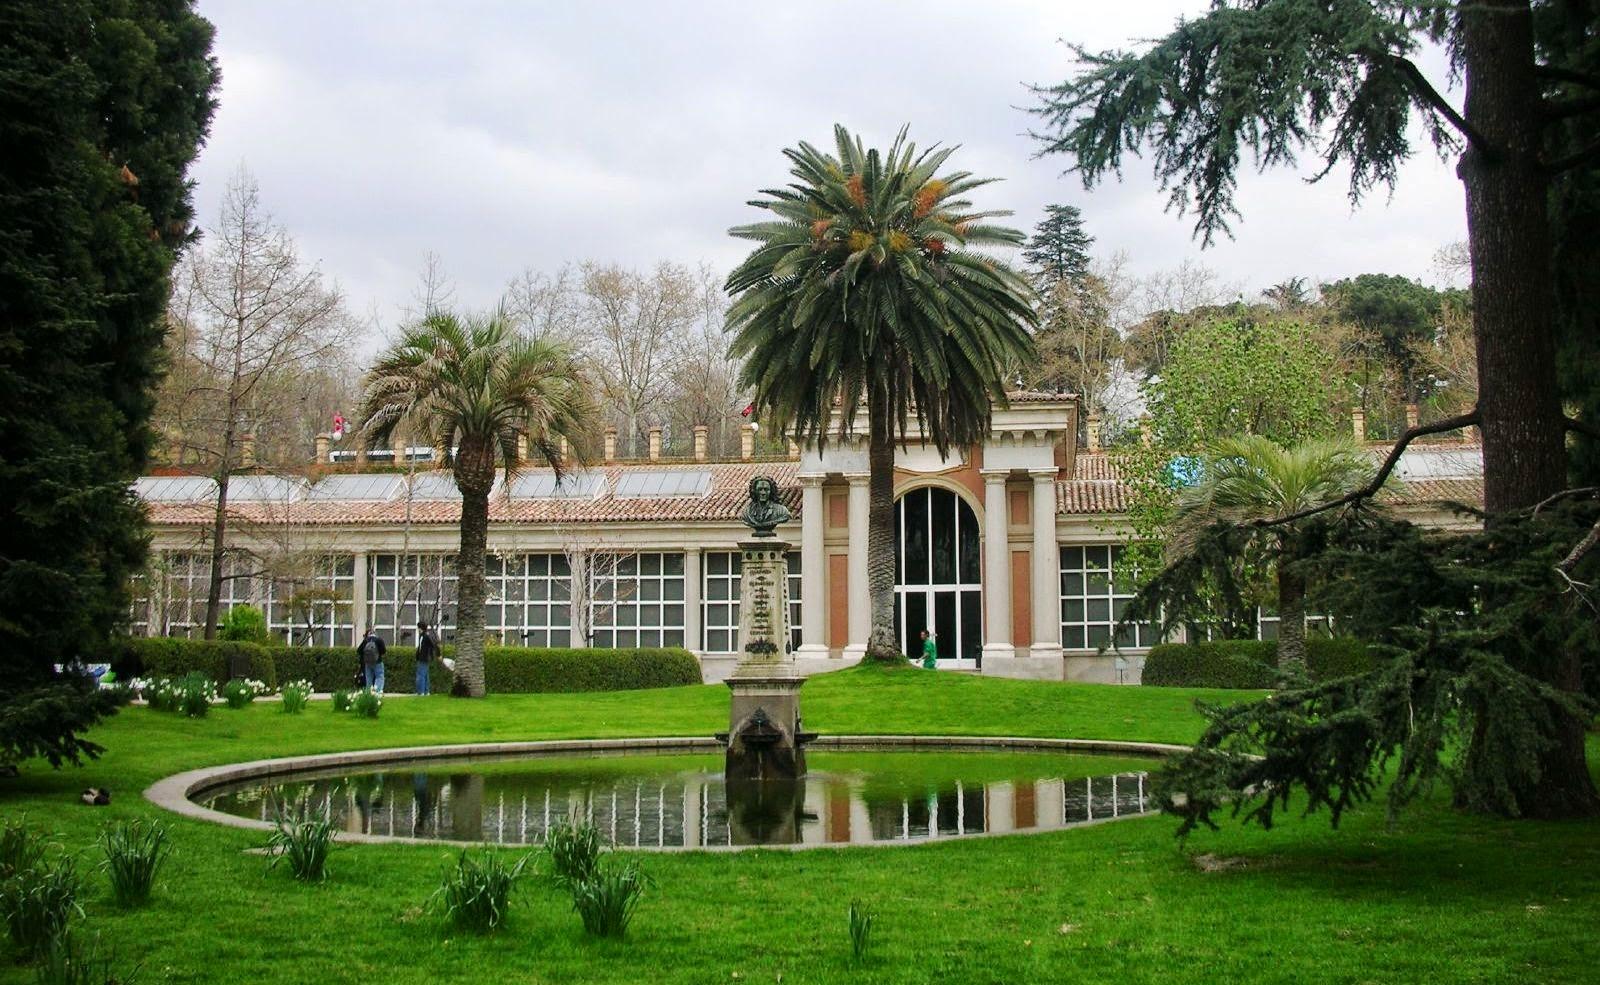 Real jard n bot nico em madri espanha dicas da europa for Jardin botanico horario